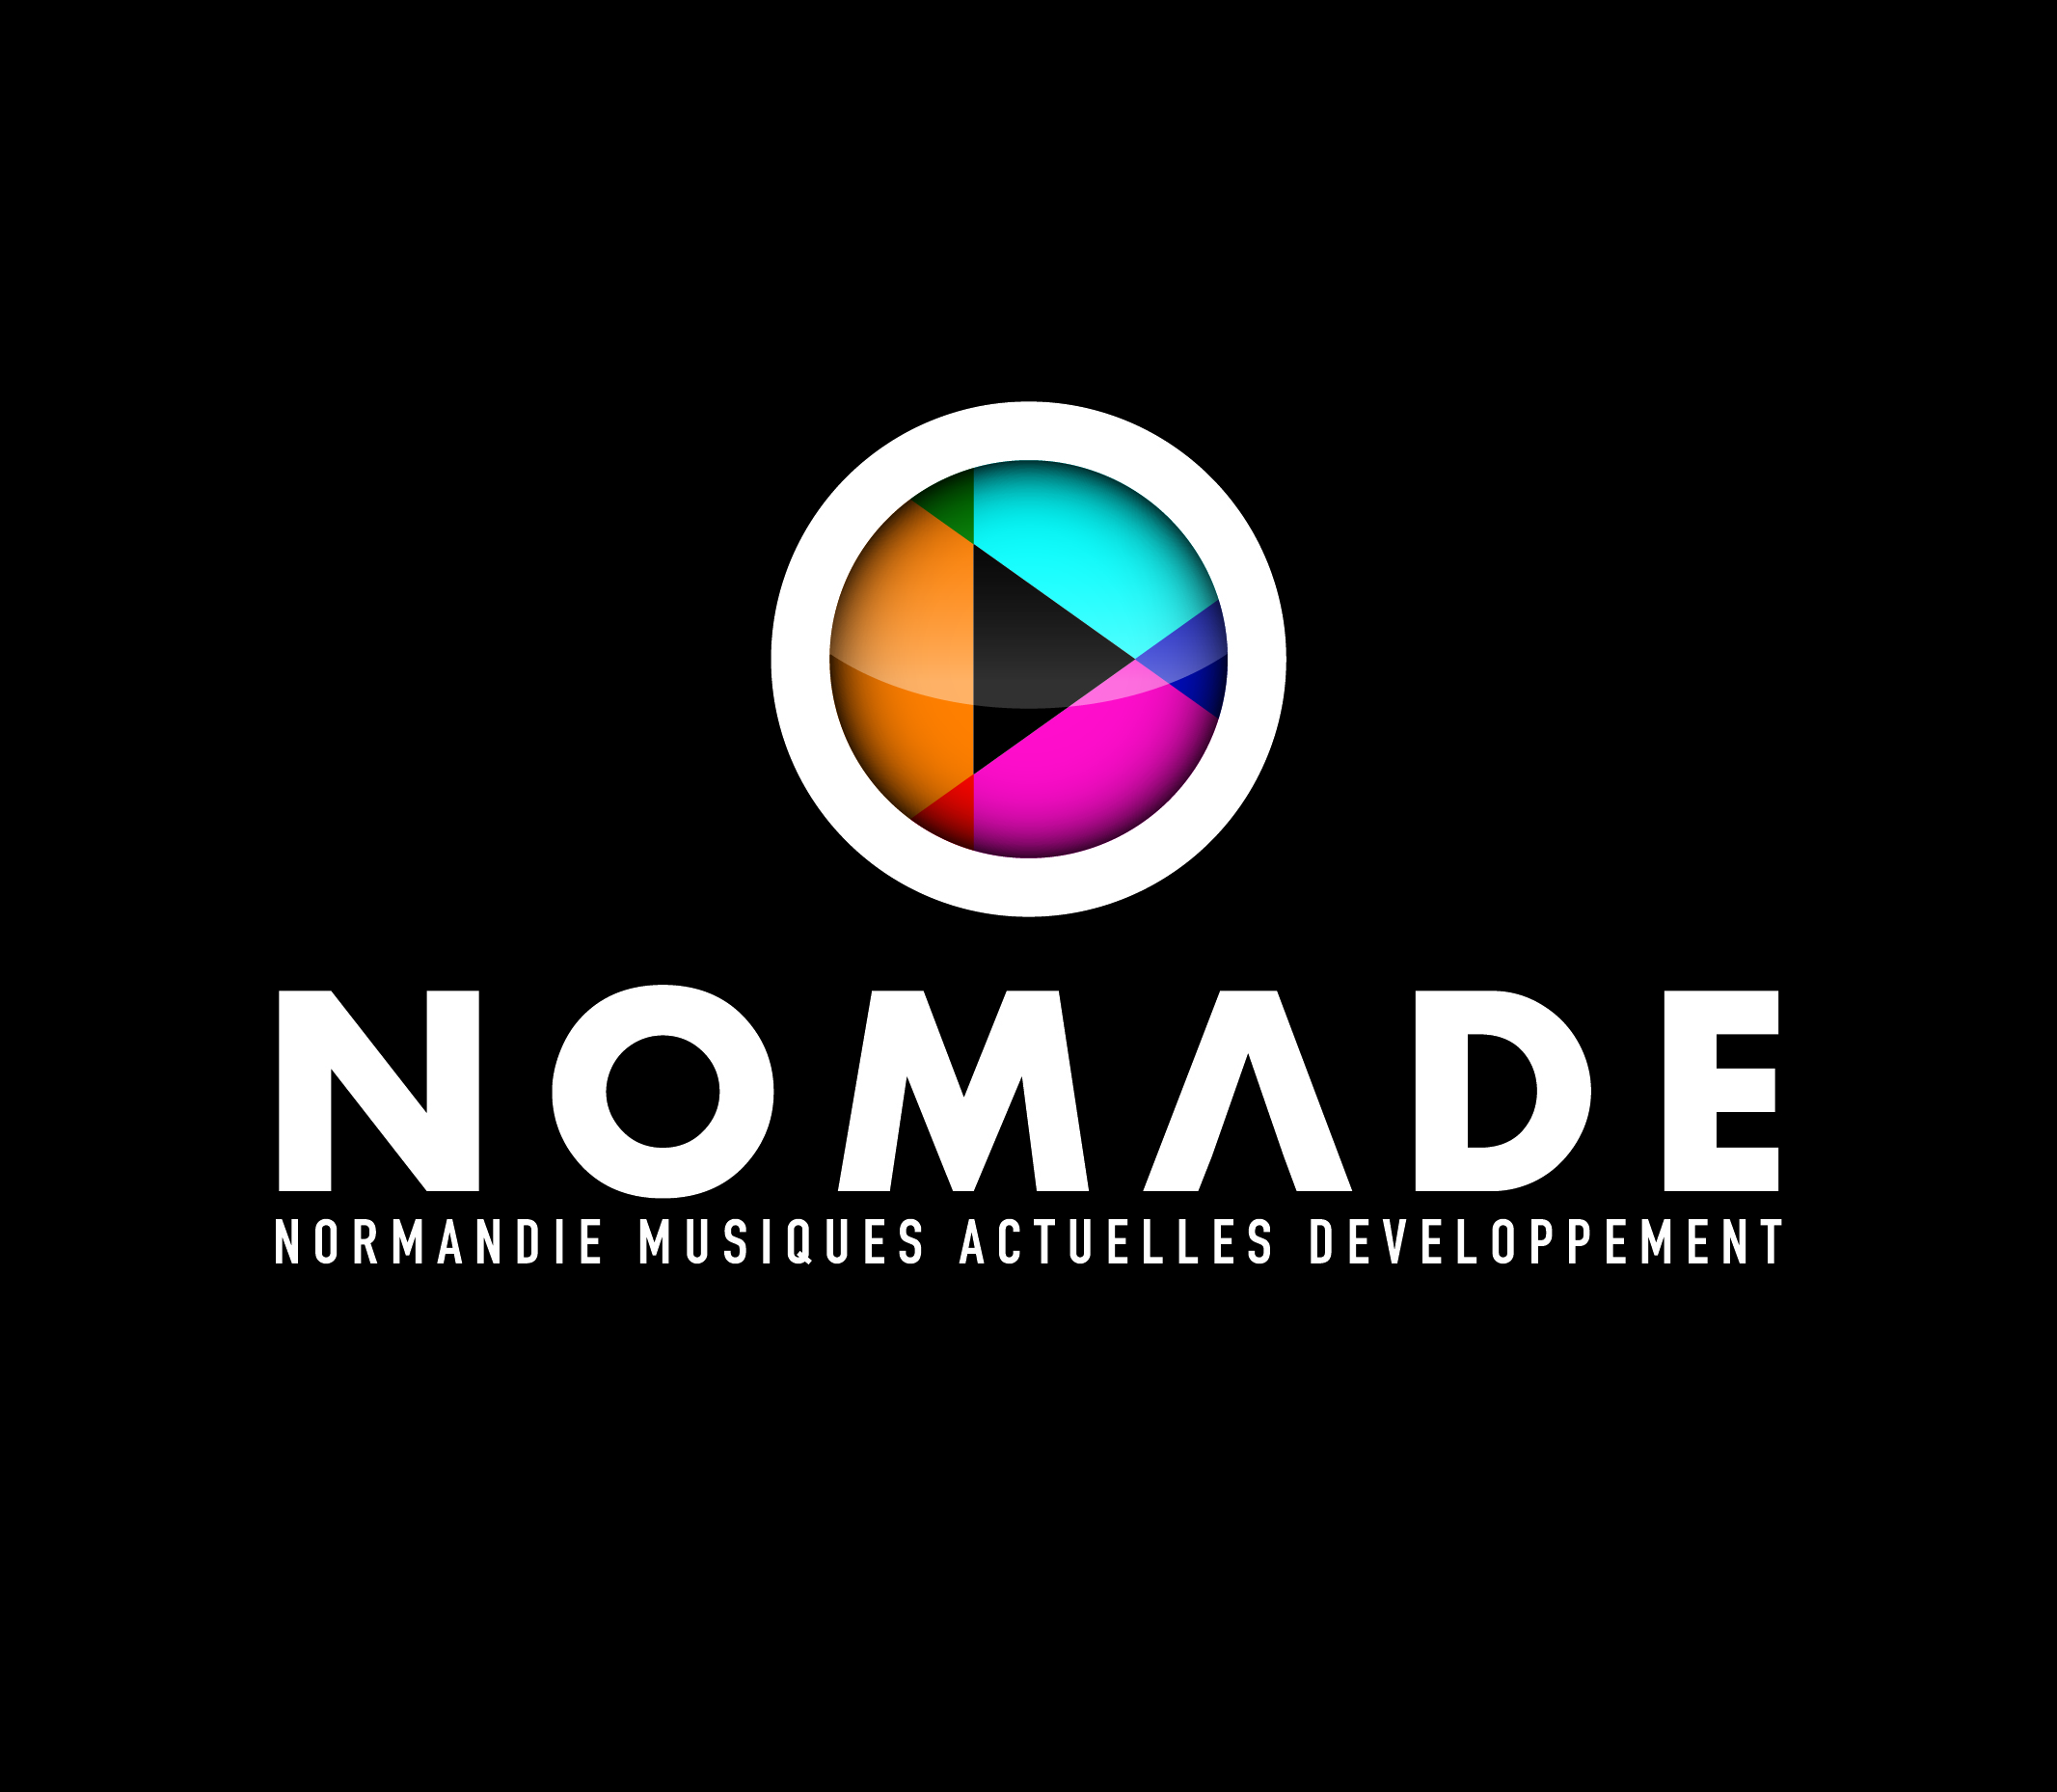 Nomade_-_Logo_FondNoir-1528315182.jpg